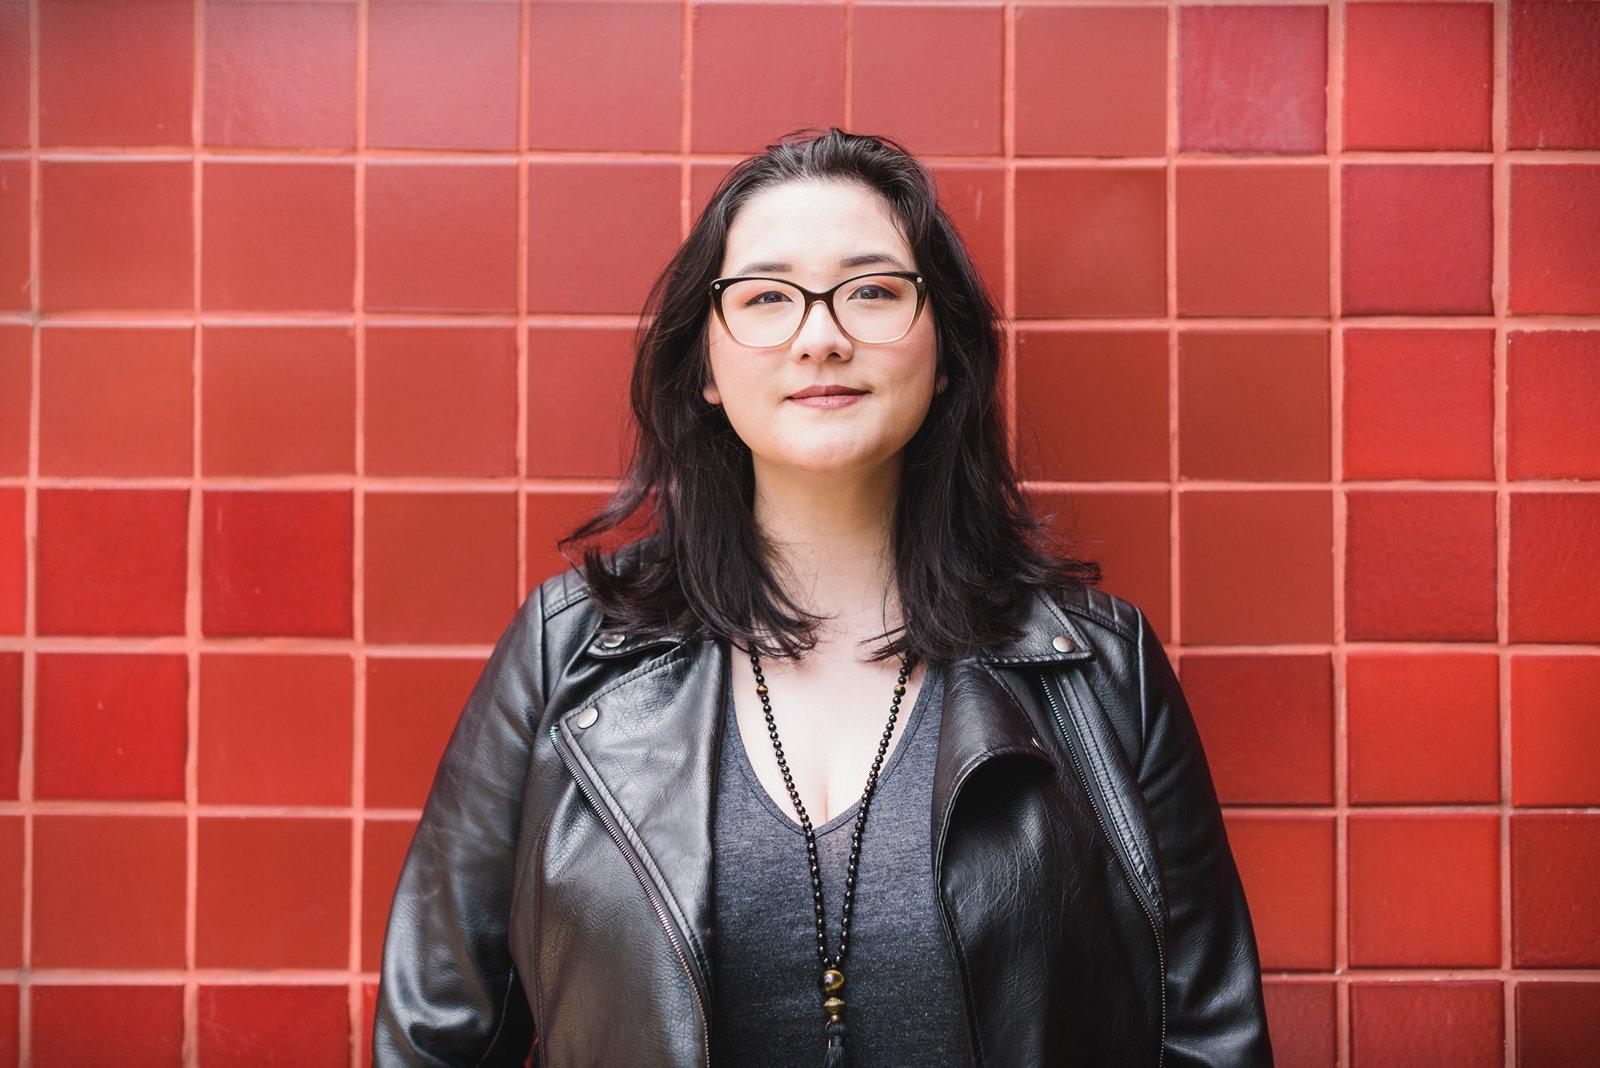 Mulheres em Data Scientista - foto de Helena Yoshioka